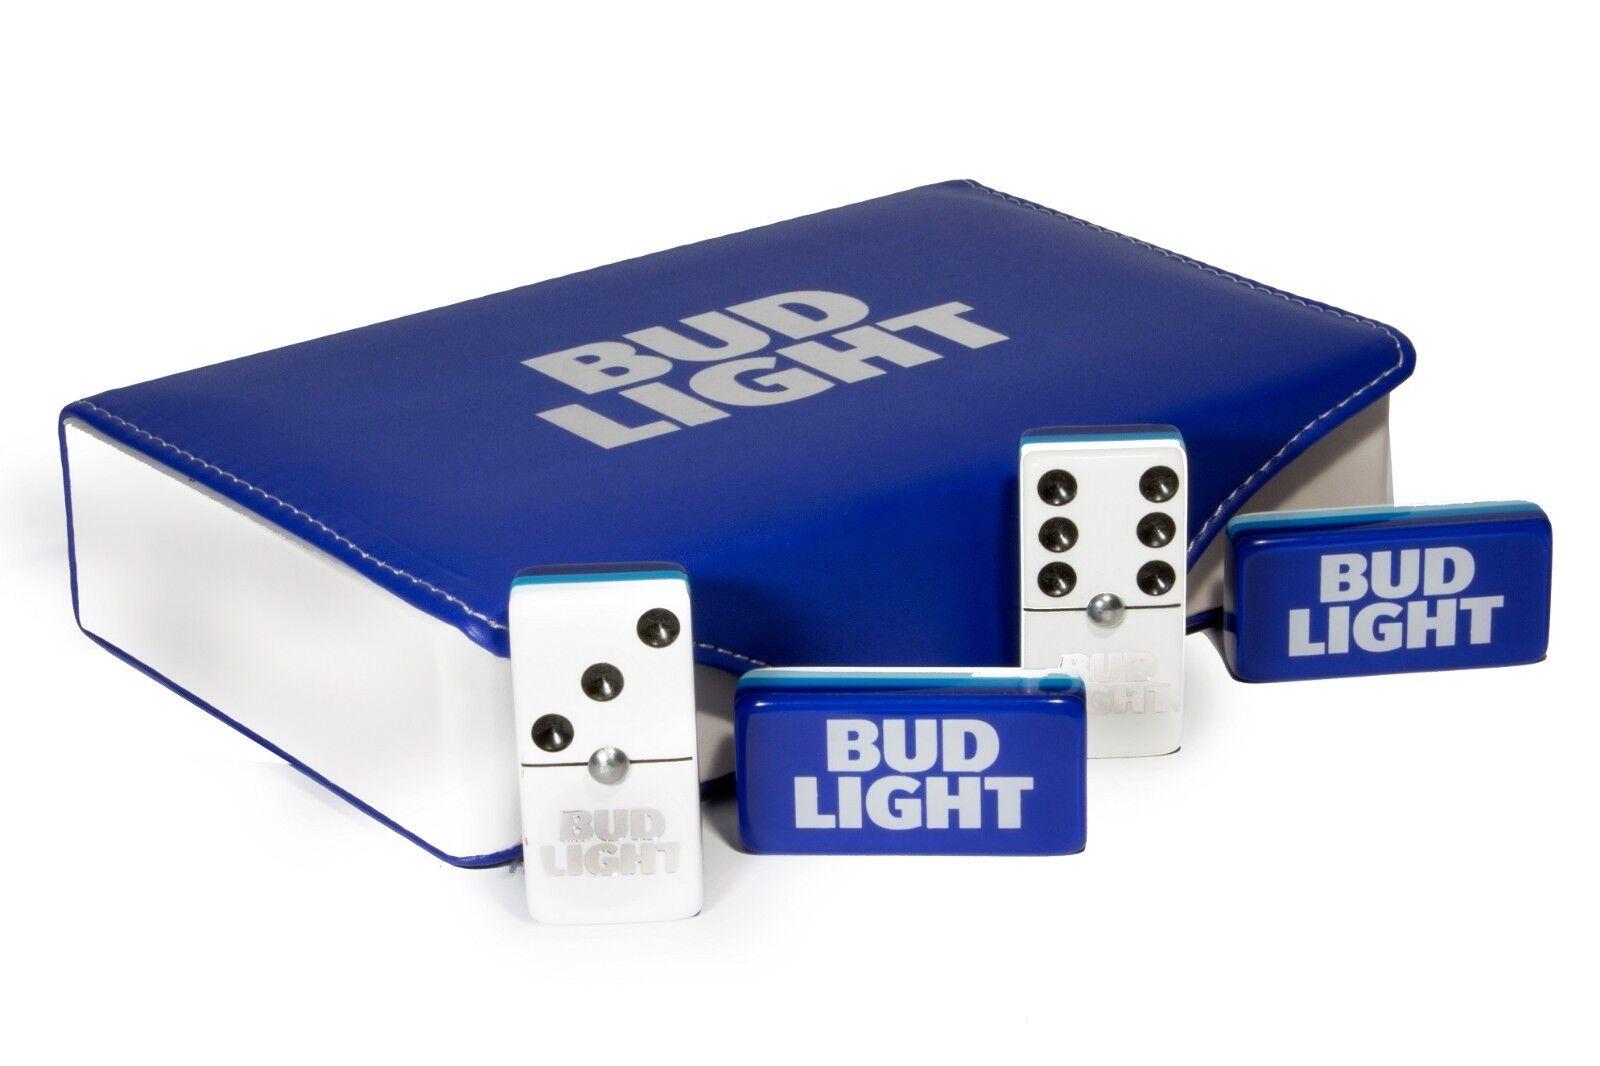 Bud Light Jumbo Domino Double Six, 5 Coats 100% Acrylic. Faux Leather